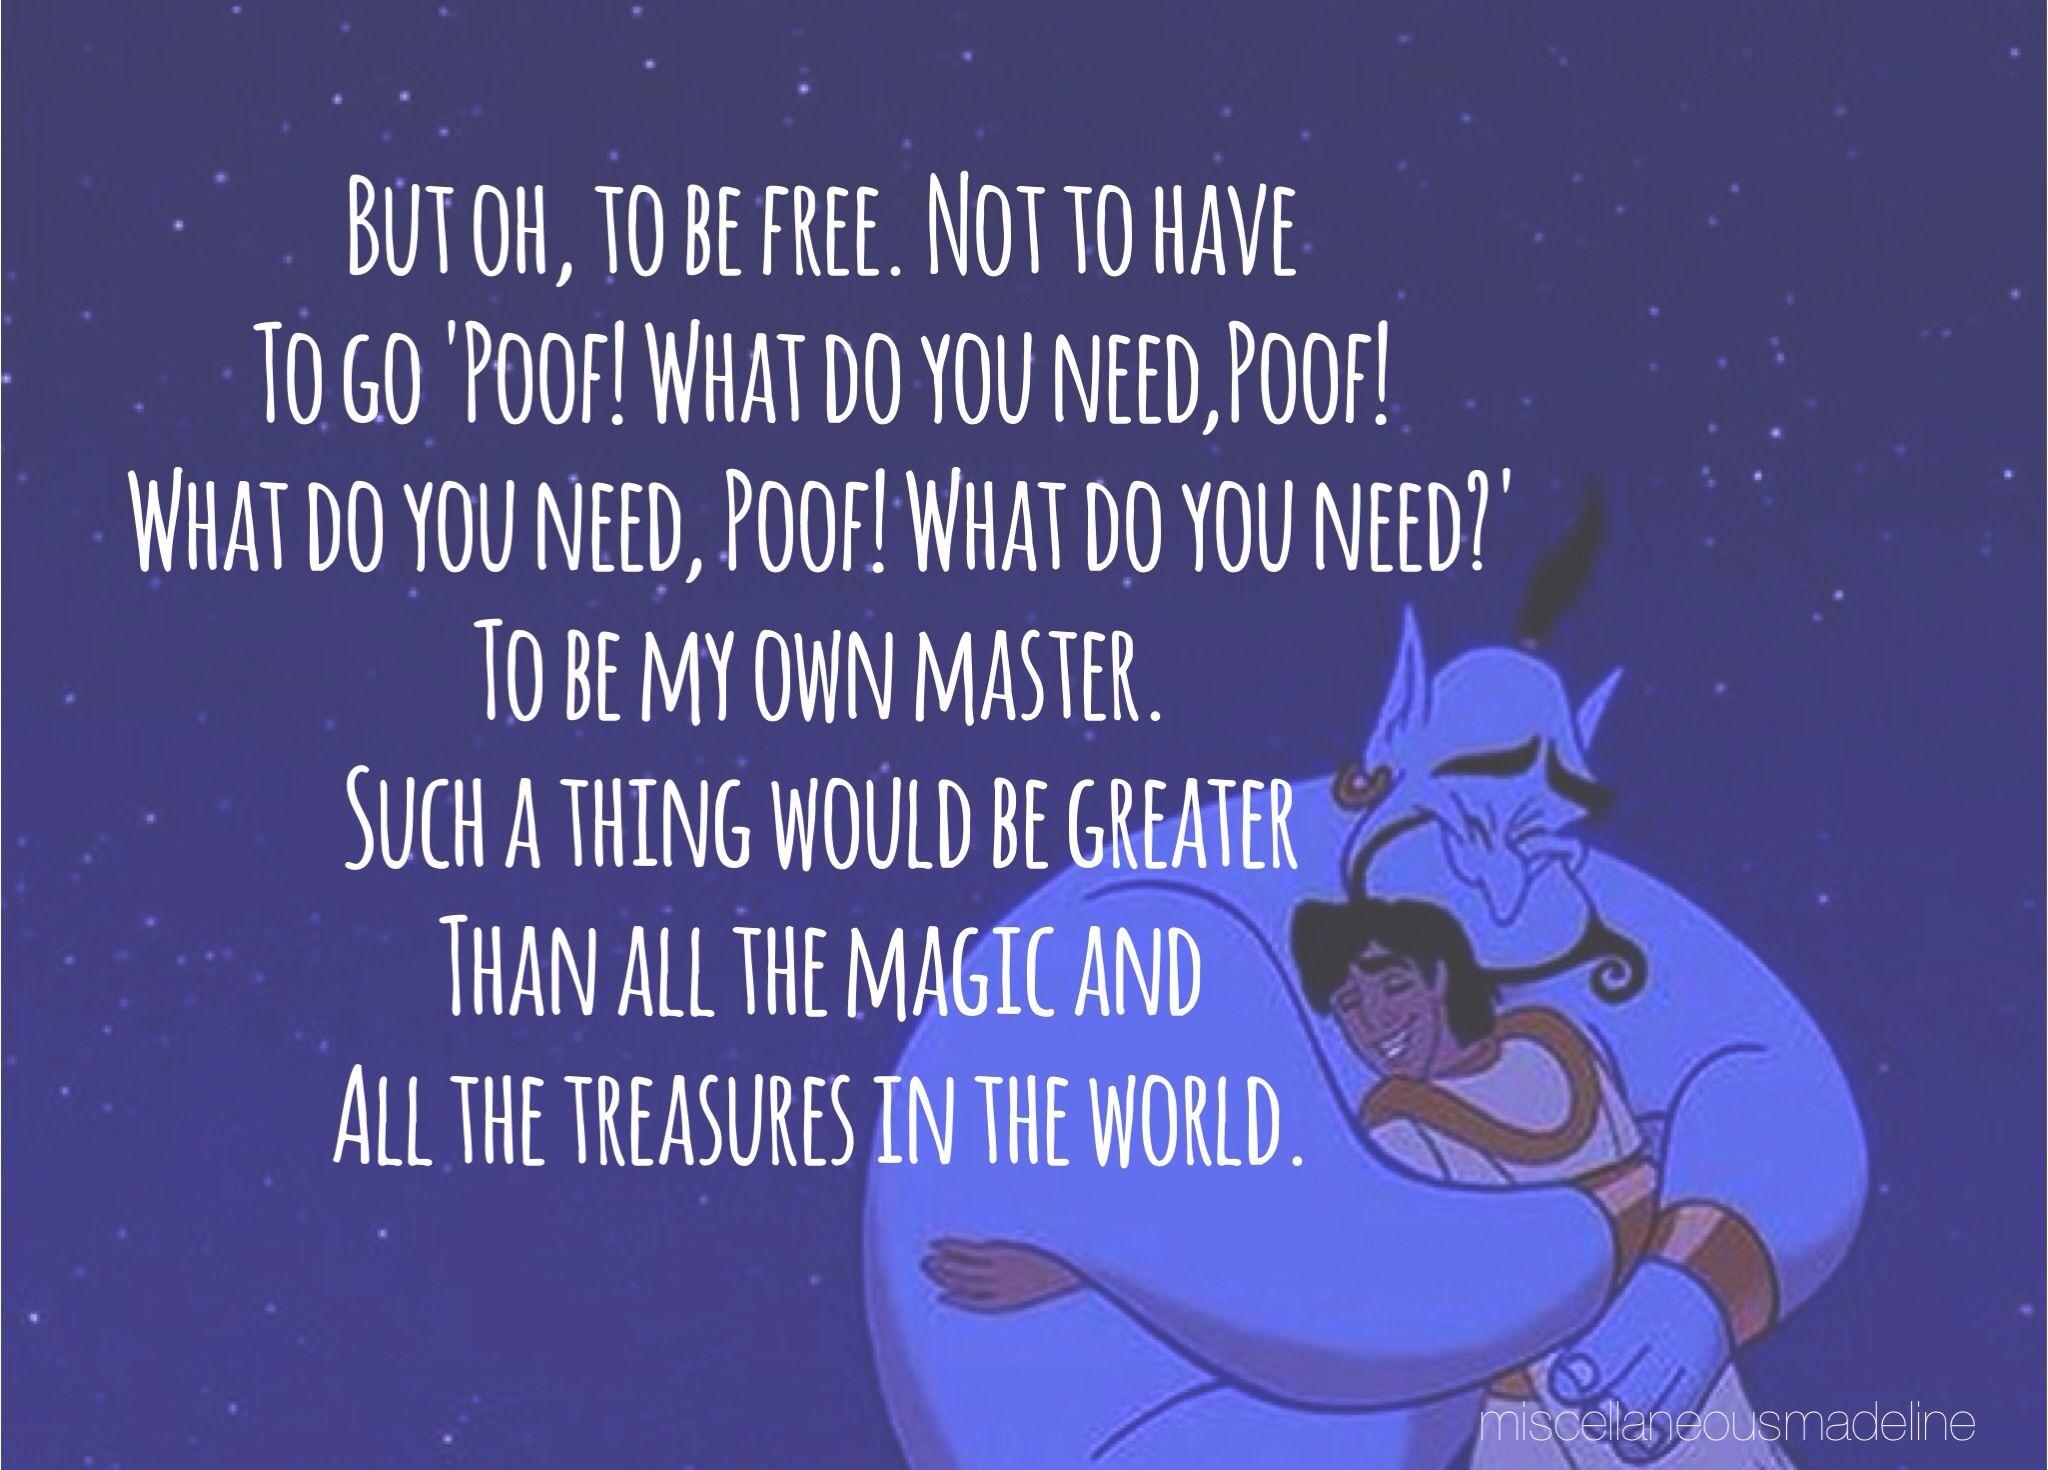 robin williams jumanji quotes - Google Search | Robin Williams ... for Genie Aladdin Quotes  285eri